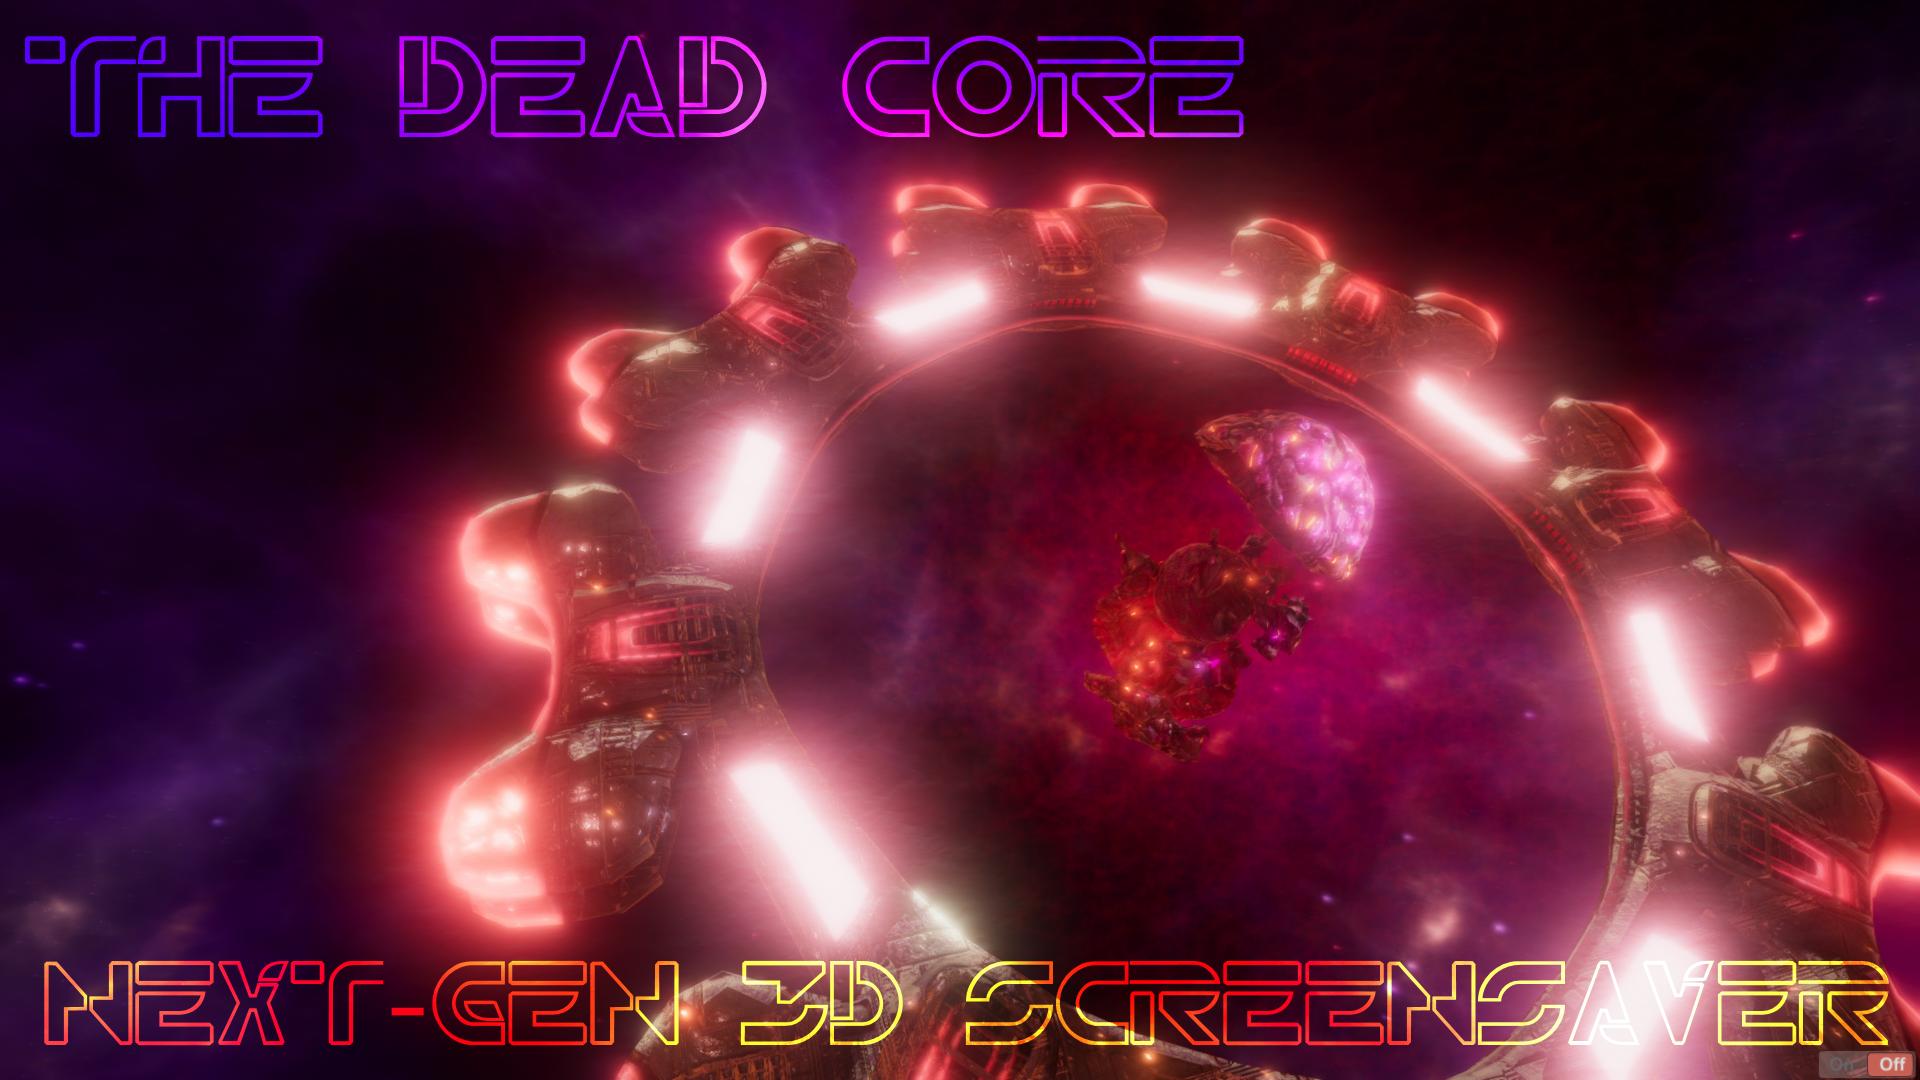 The Dead Core